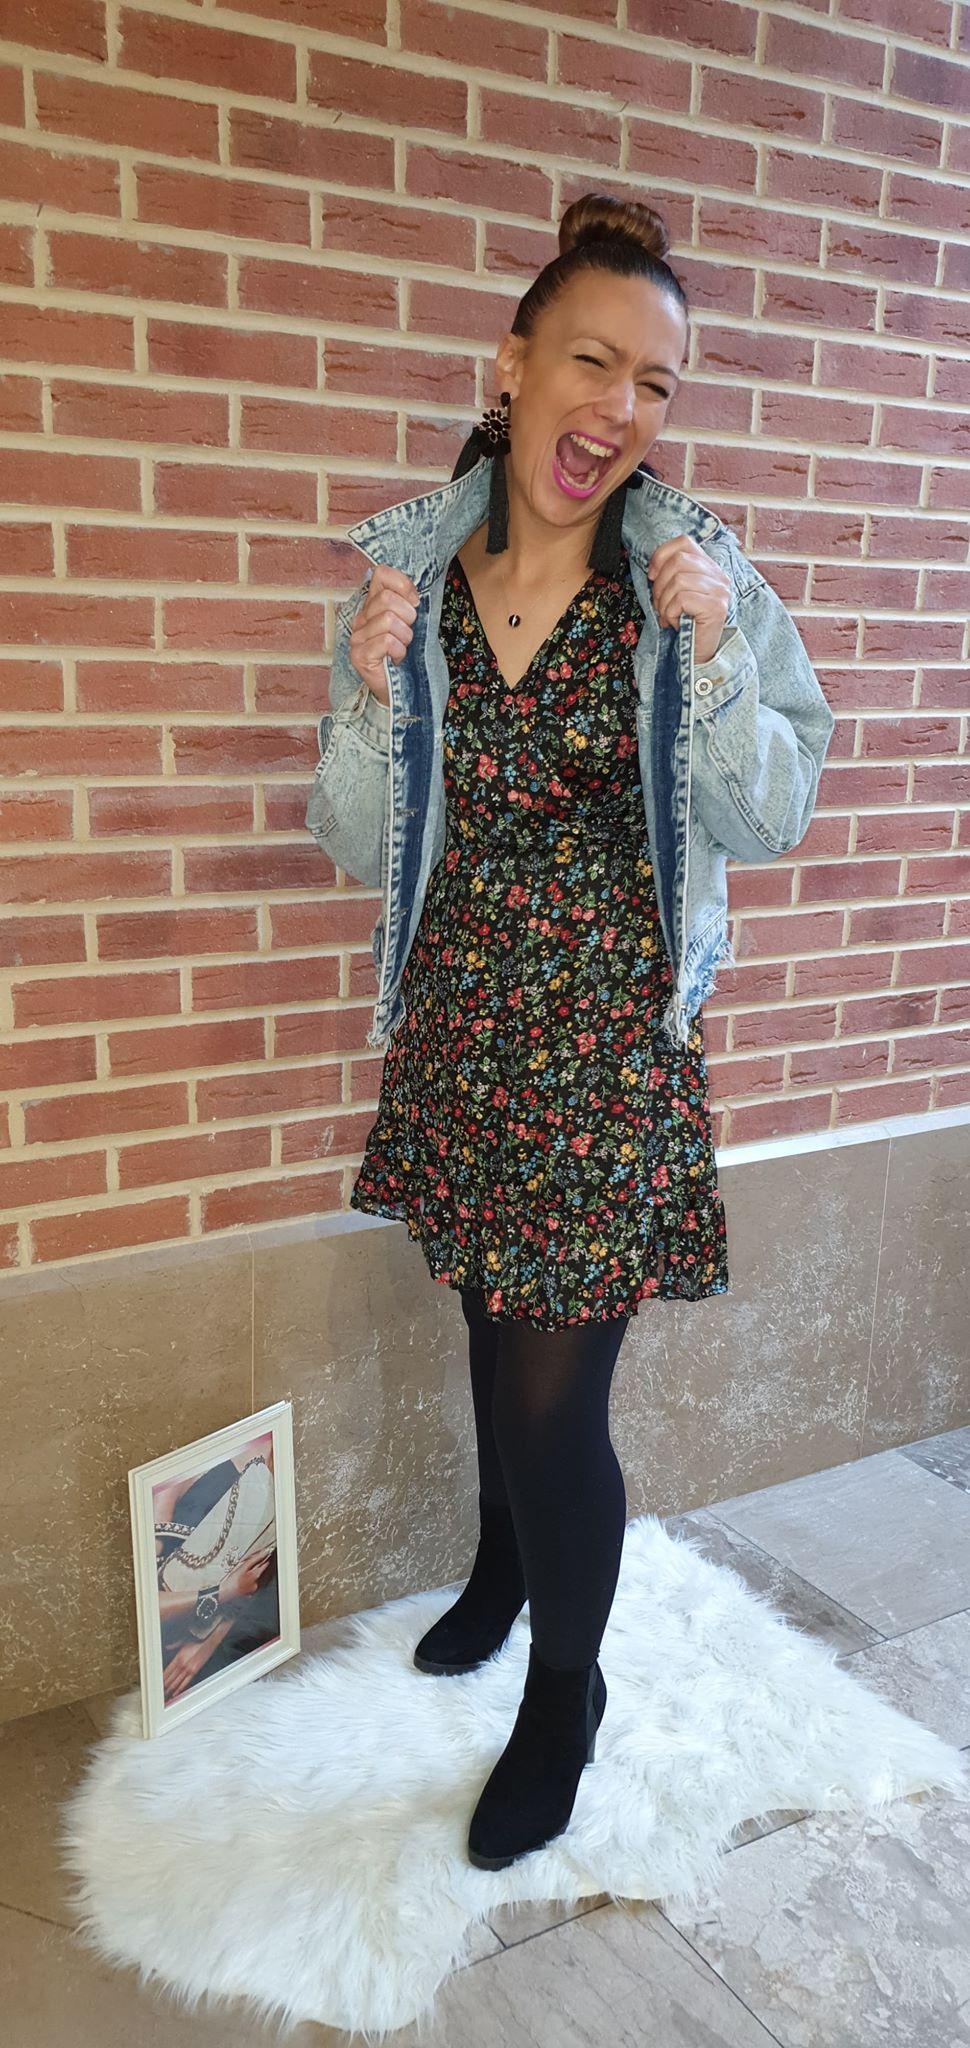 robe noir manche courte petites fleurs - rob-noi-fle-cou